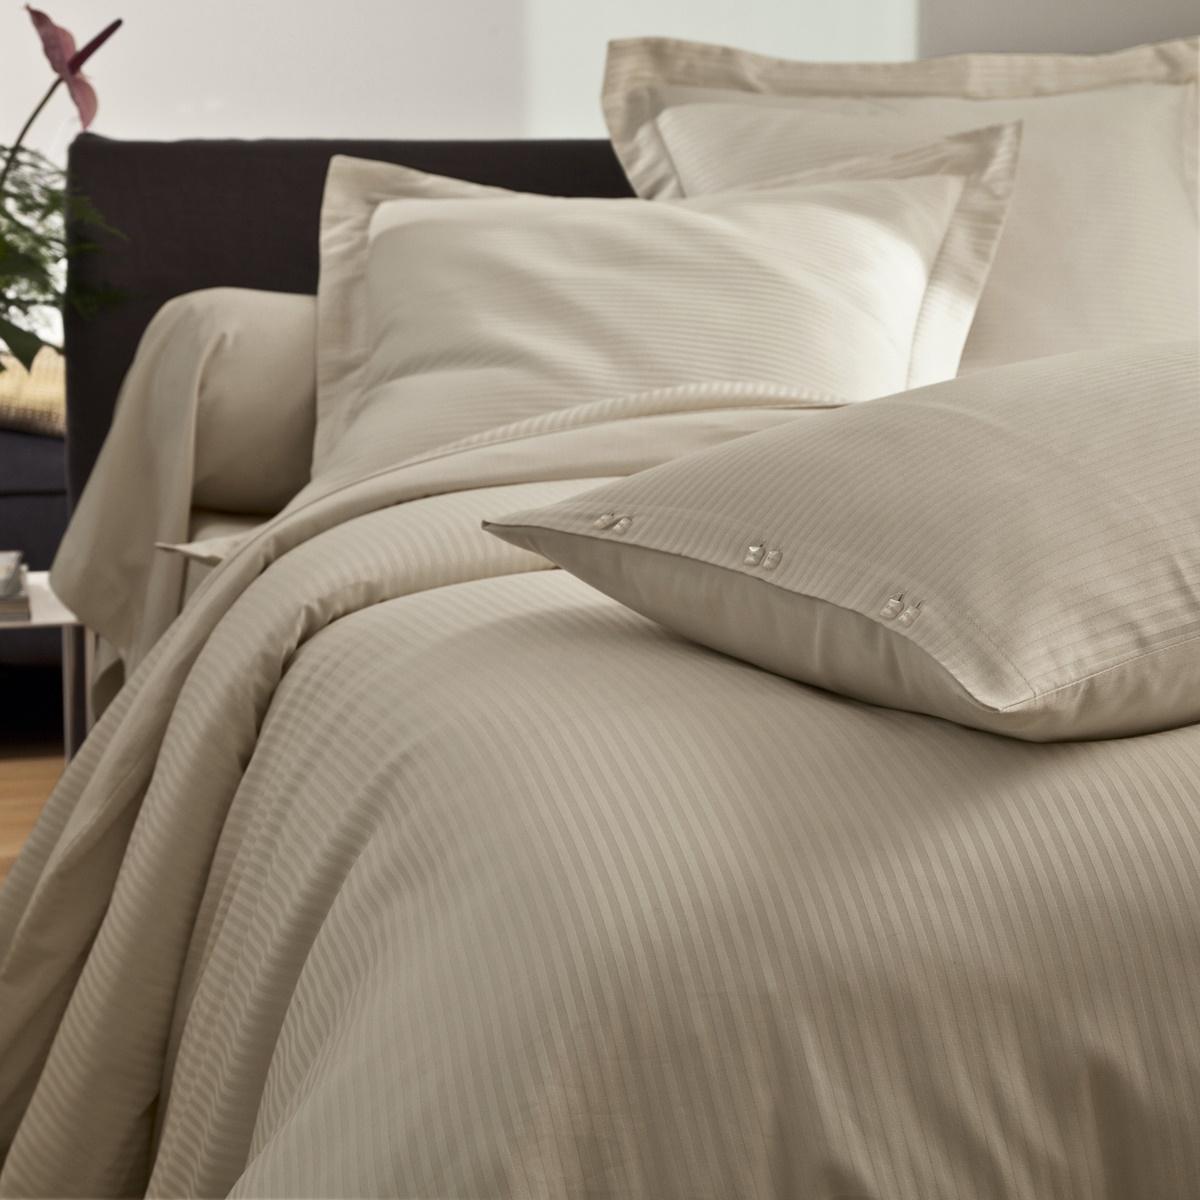 housse de couette unie satin jacquard soldes jusqu 39 55 linge de maison de qualit. Black Bedroom Furniture Sets. Home Design Ideas